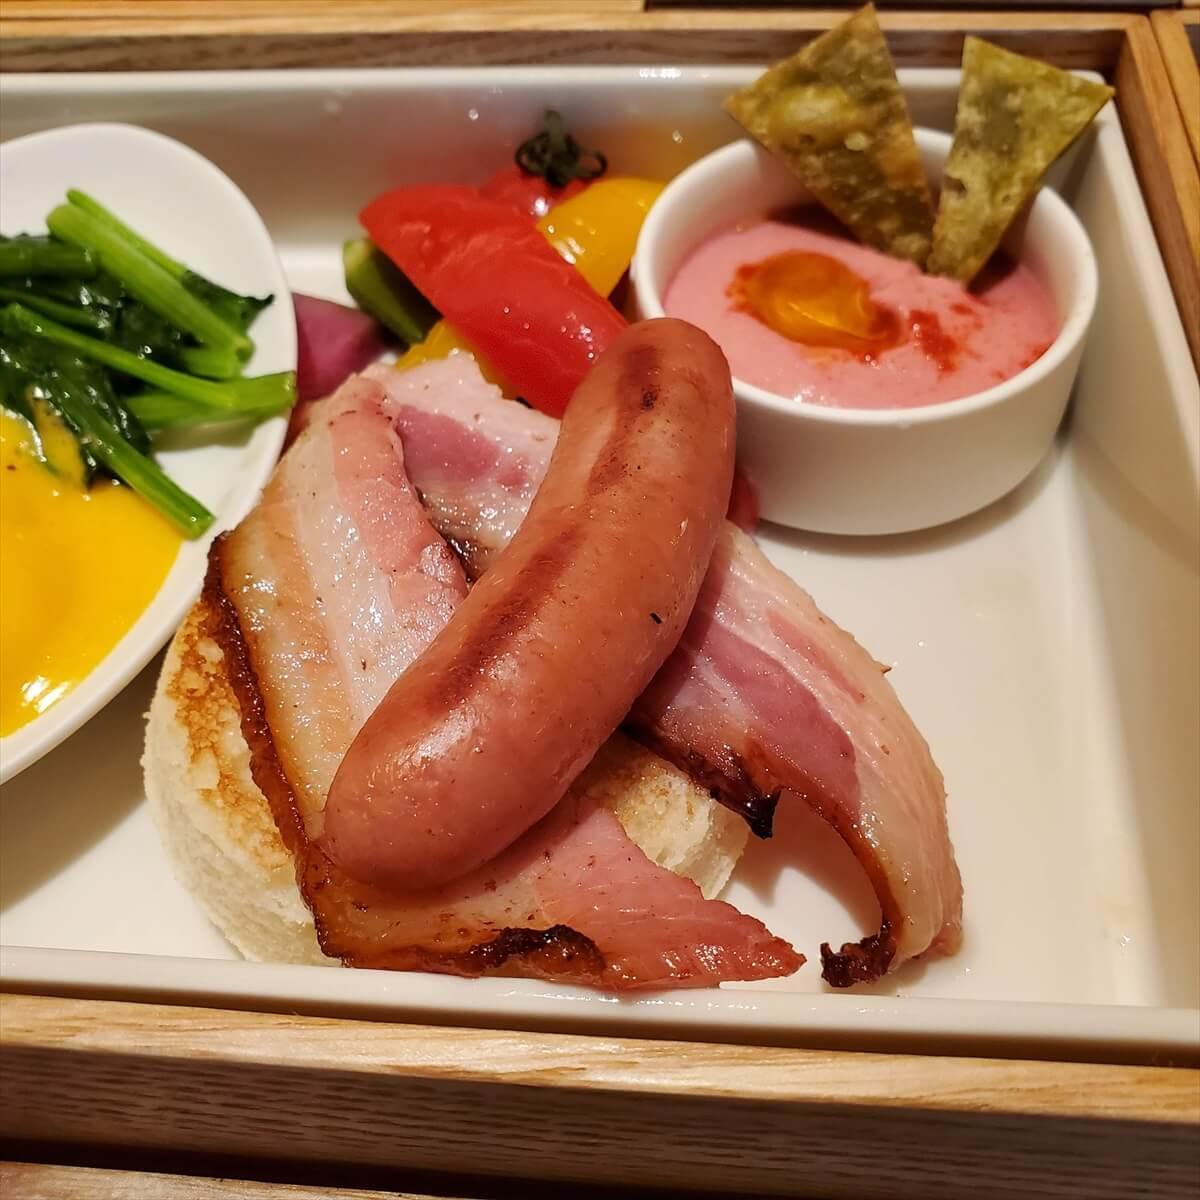 リッツカールトン日光の朝食のエッグベネディクトのイングリッシュマフィン